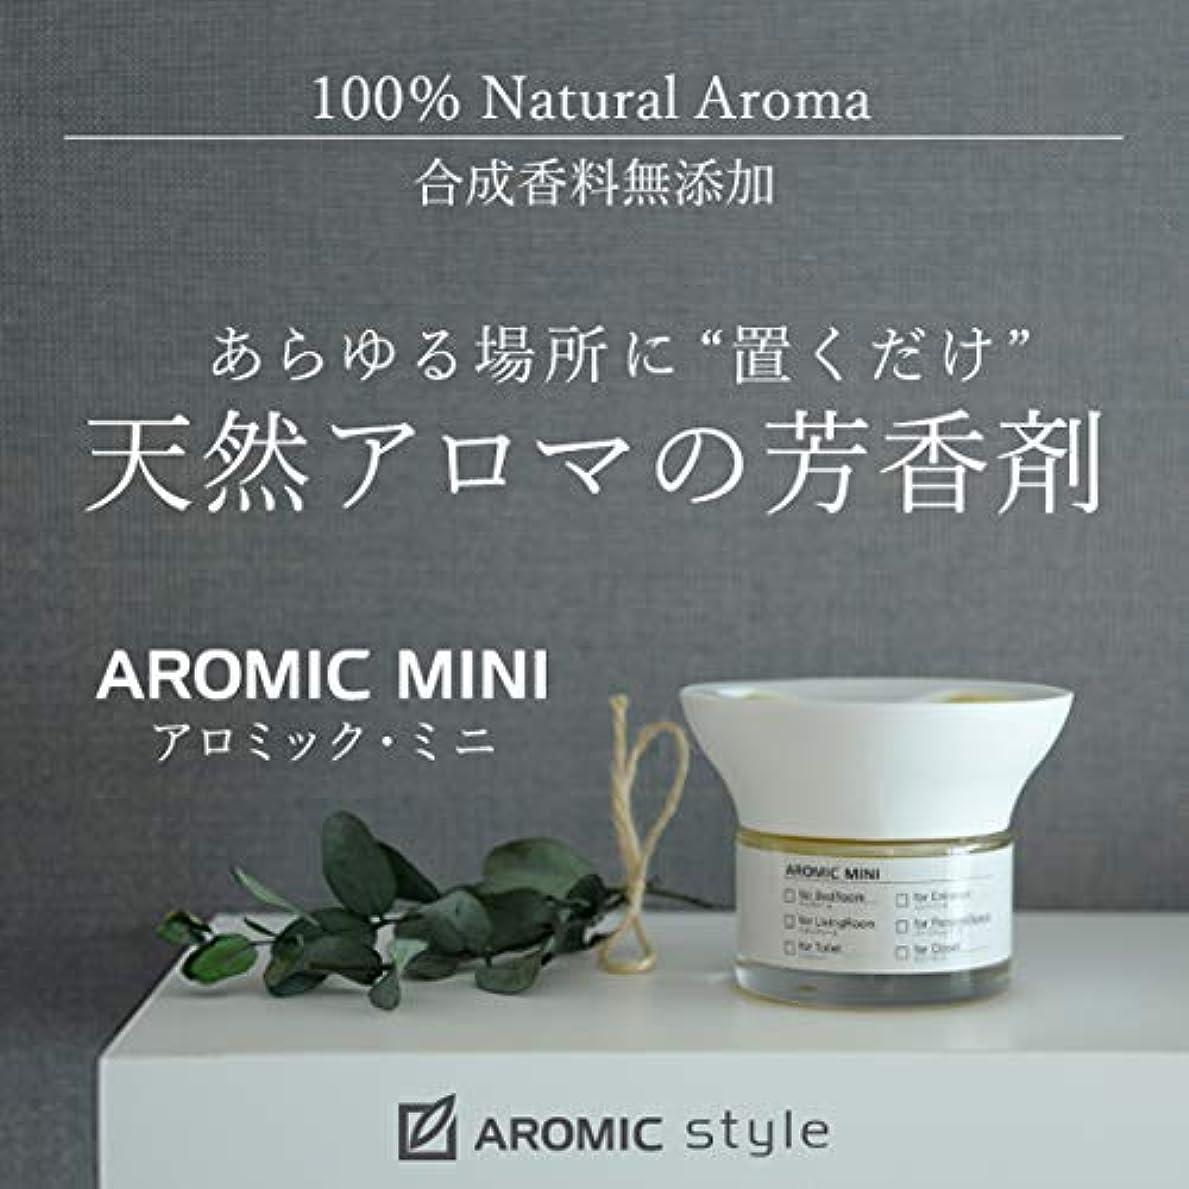 スカイあいにく口ひげAROMIC style アロマディフューザー アロミック?ミニ 水を使わない 水なし アロマ アロマポット (for Closet)